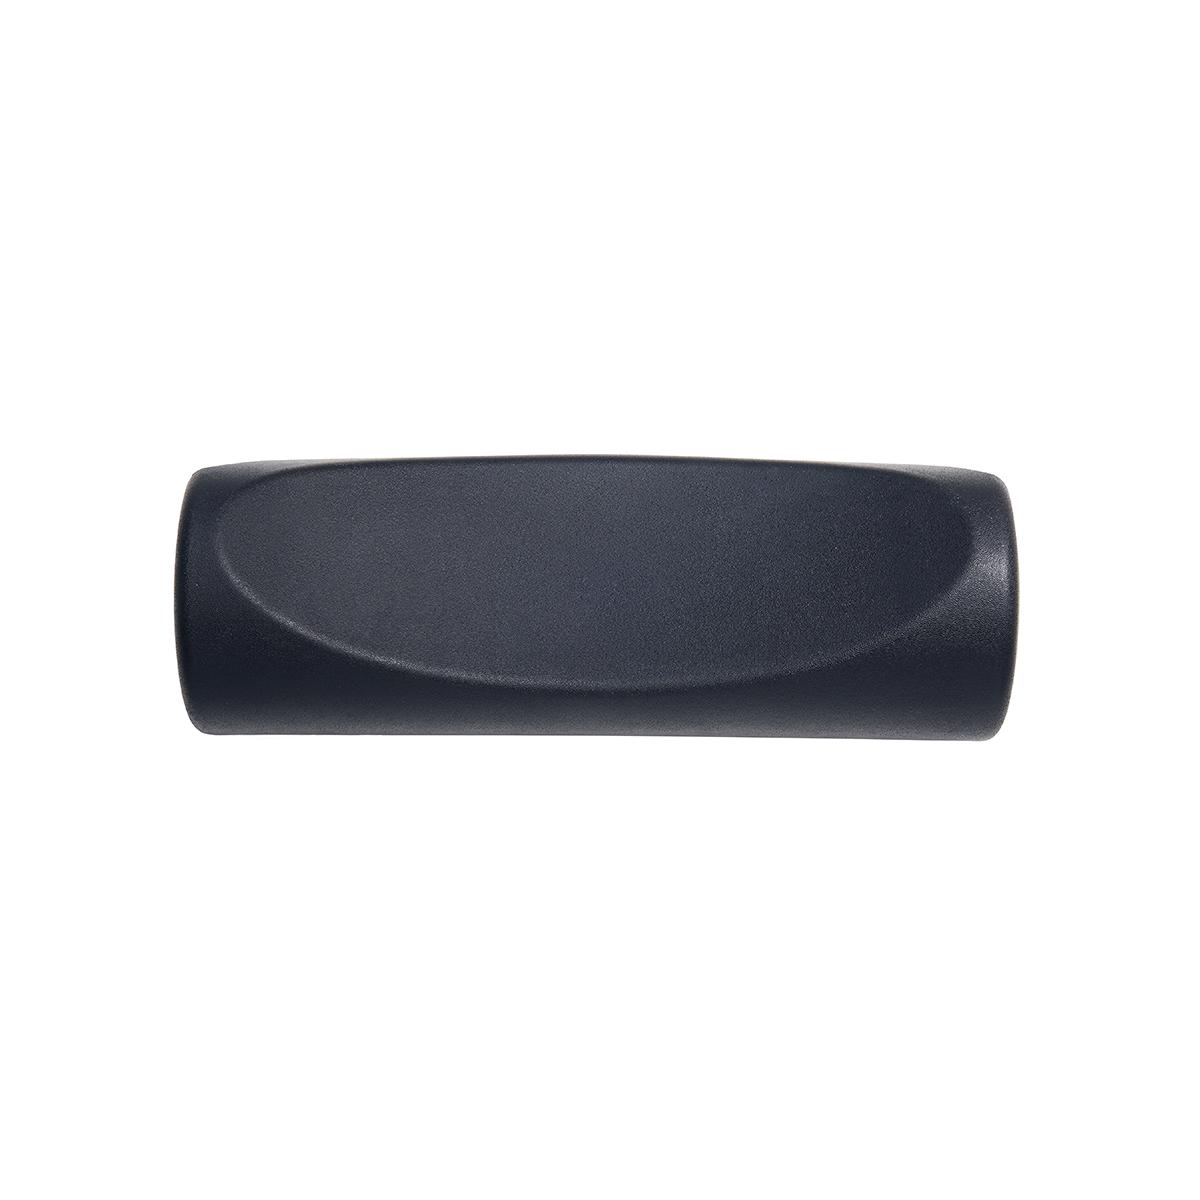 Подголовник Roca полиуретановый BeCool 247997000 недорого